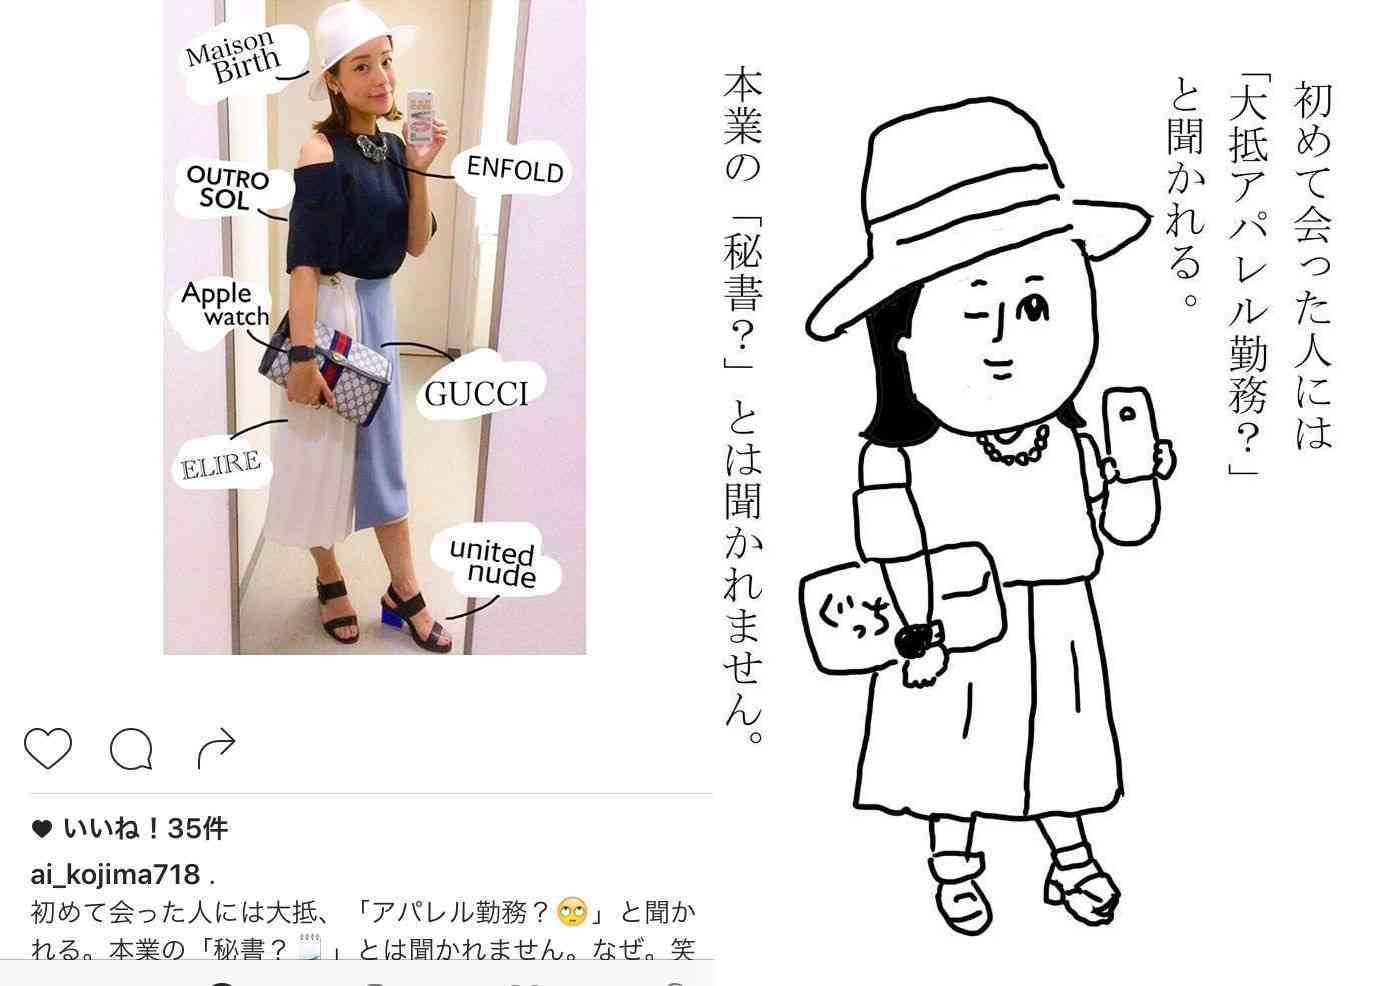 小島よしおがローン返済額が月16万円と明かす「70歳まで海パンはかないと」